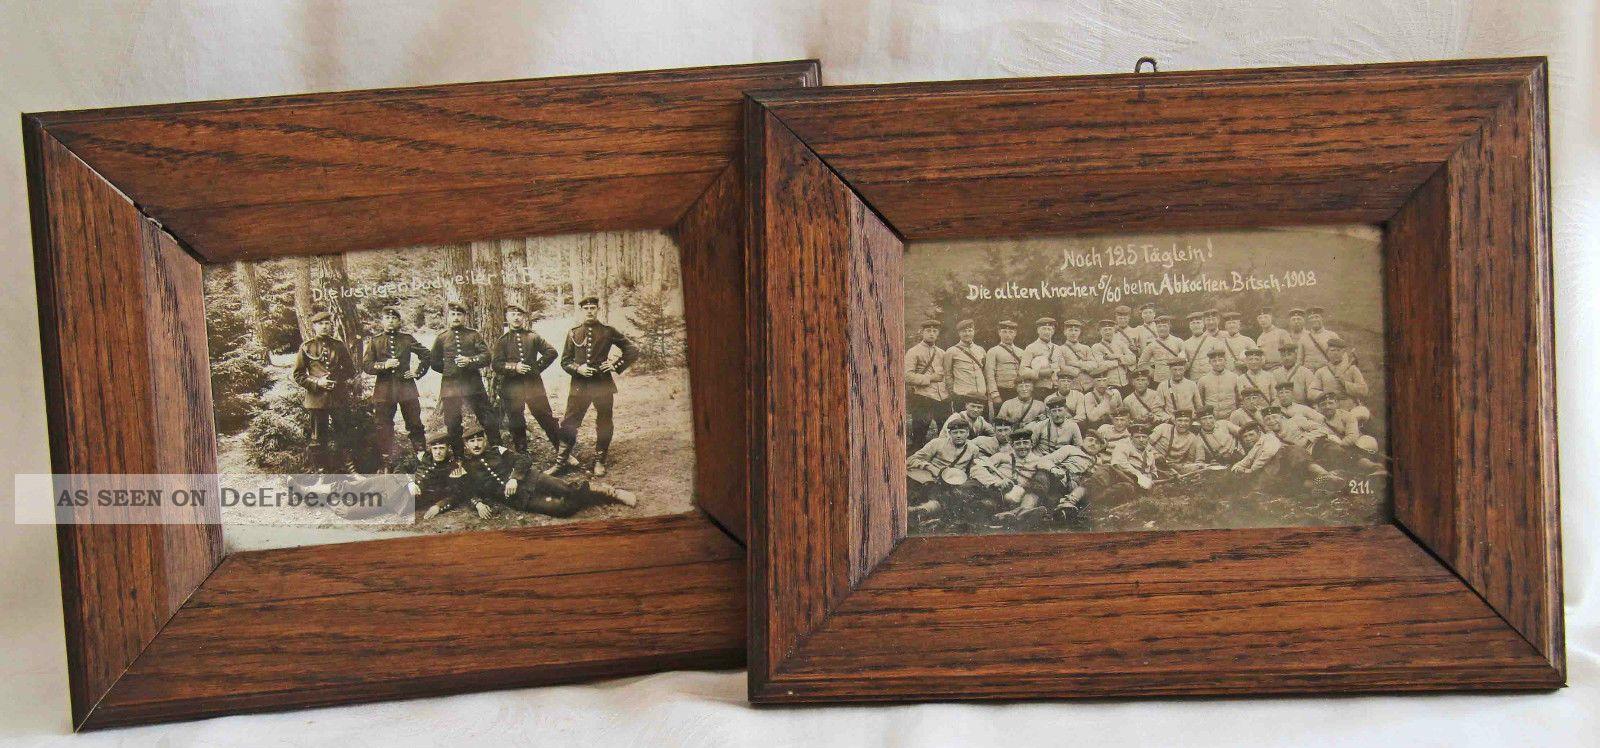 Wk 1 Bitsch 1908 Antike Bild